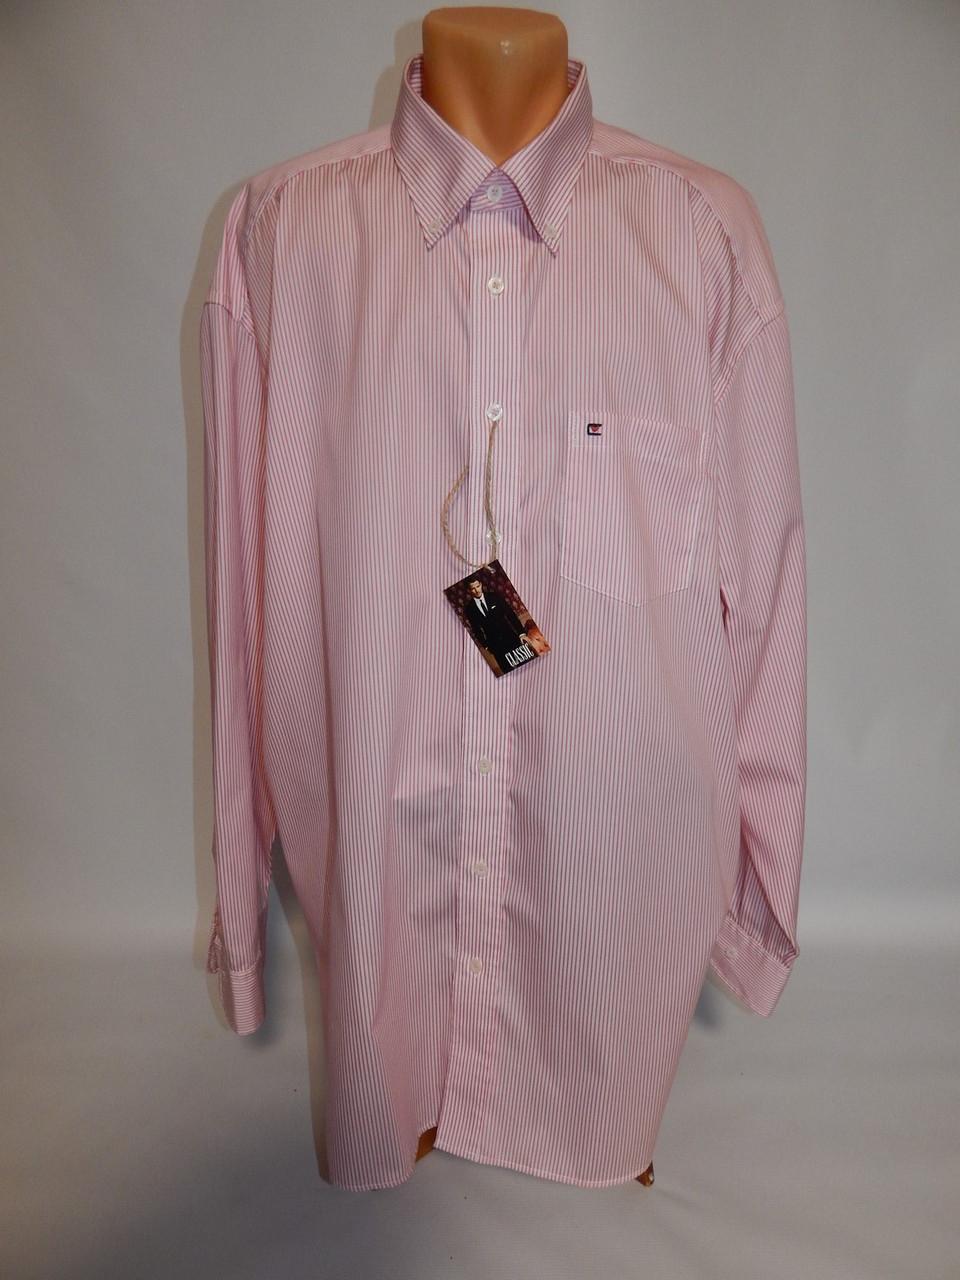 Мужская рубашка с длинным рукавом Casa Moda 116ДР р.58